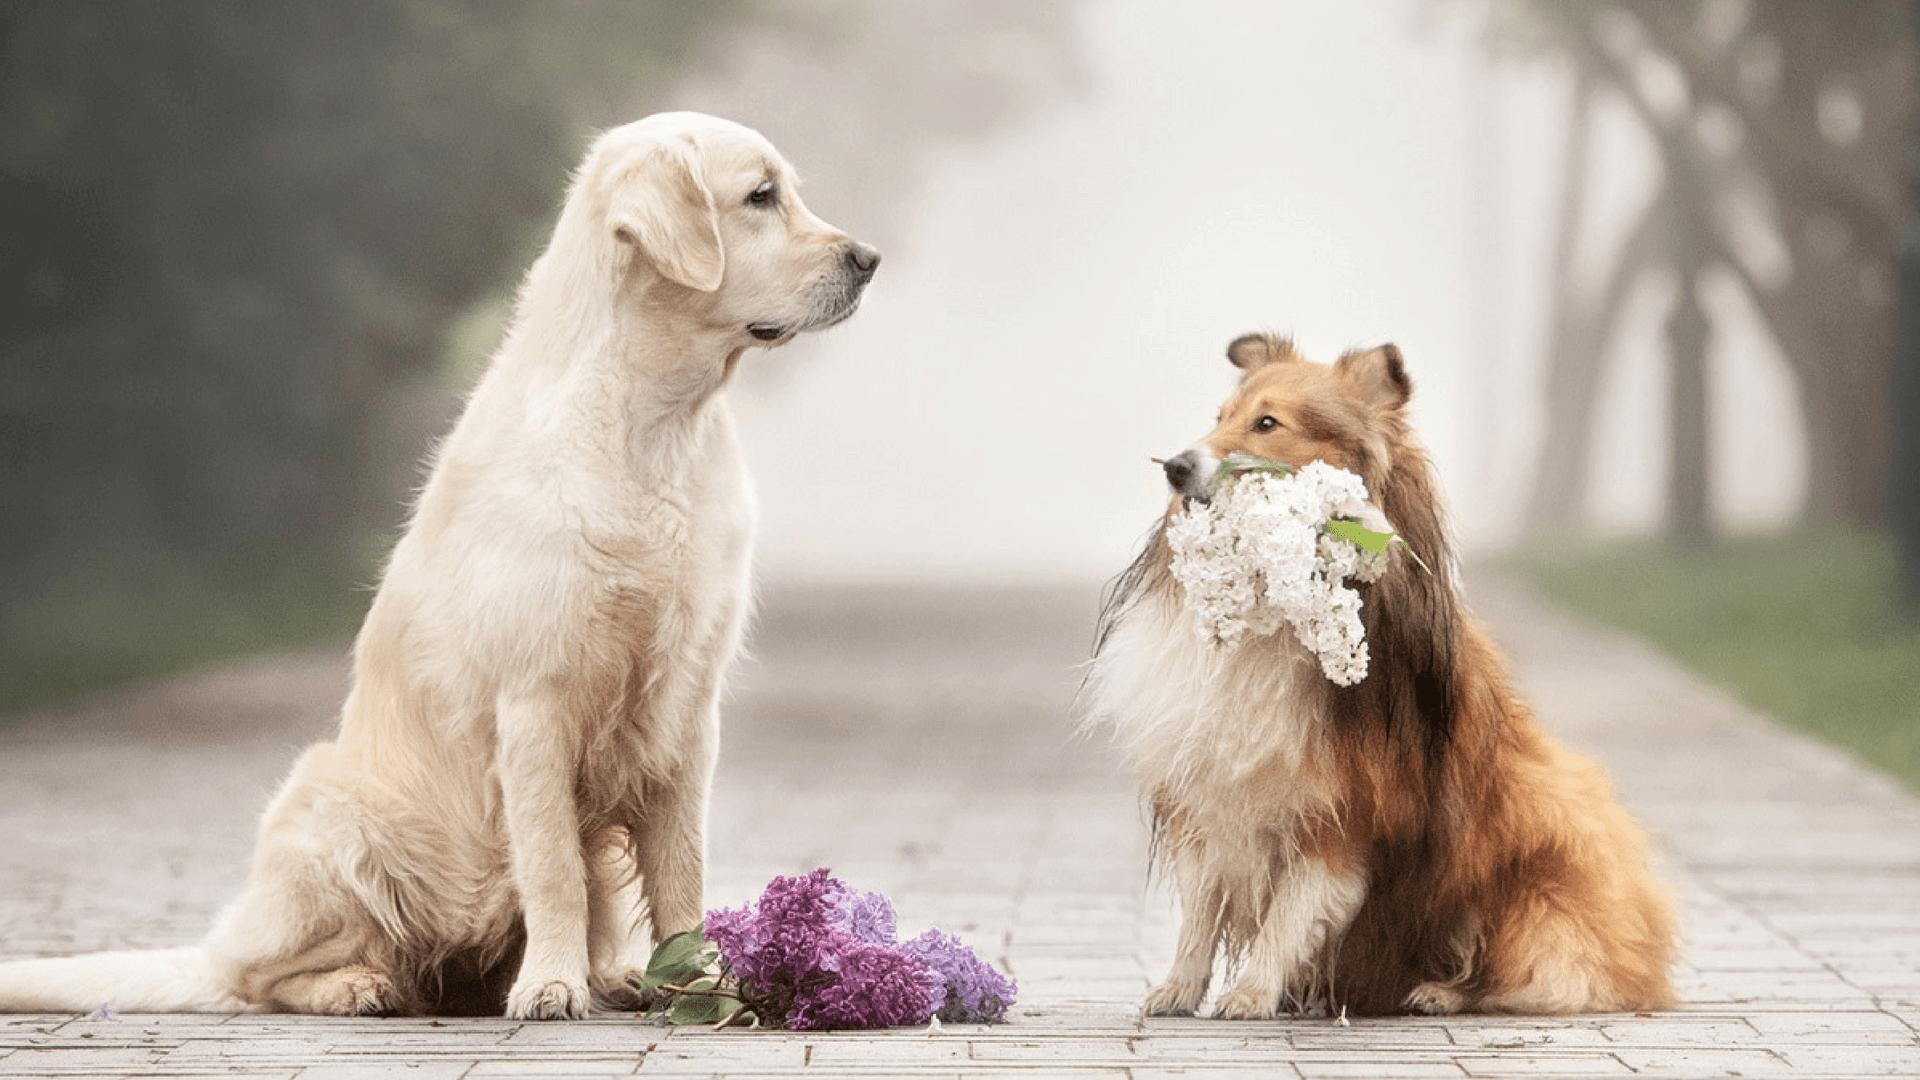 Hunde fotografieren - die richtigen Einstellungen für perfekte Profifotos